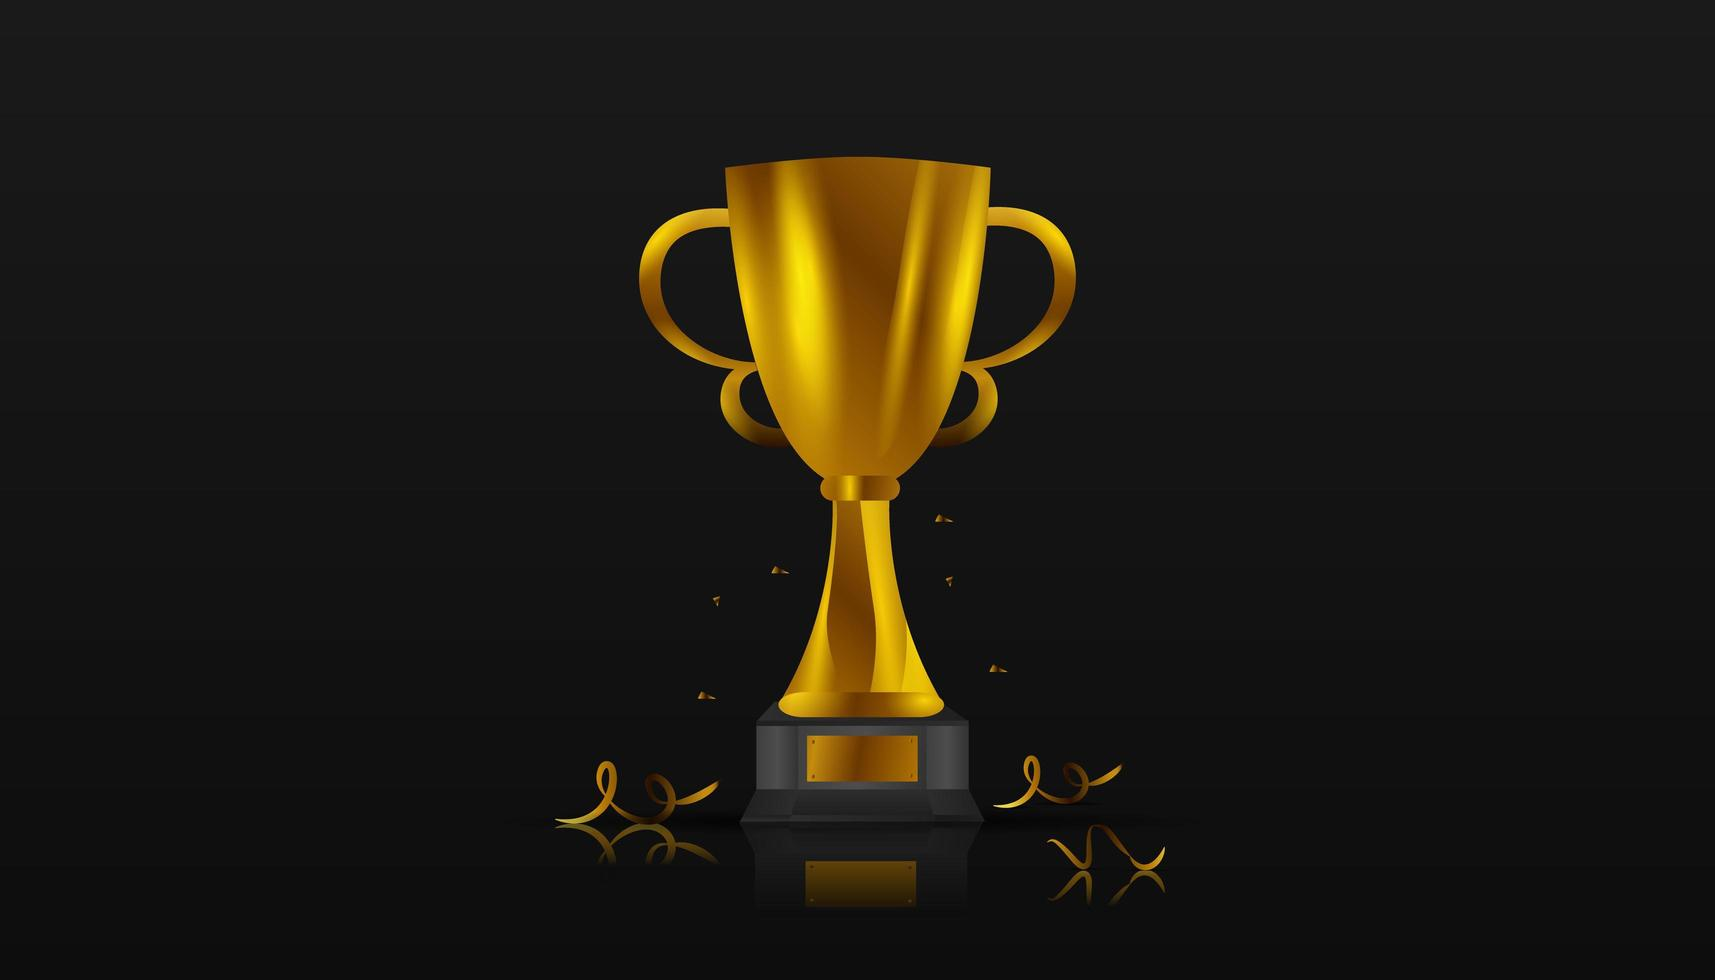 trofeo d'oro realistico e coriandoli sul nero vettore